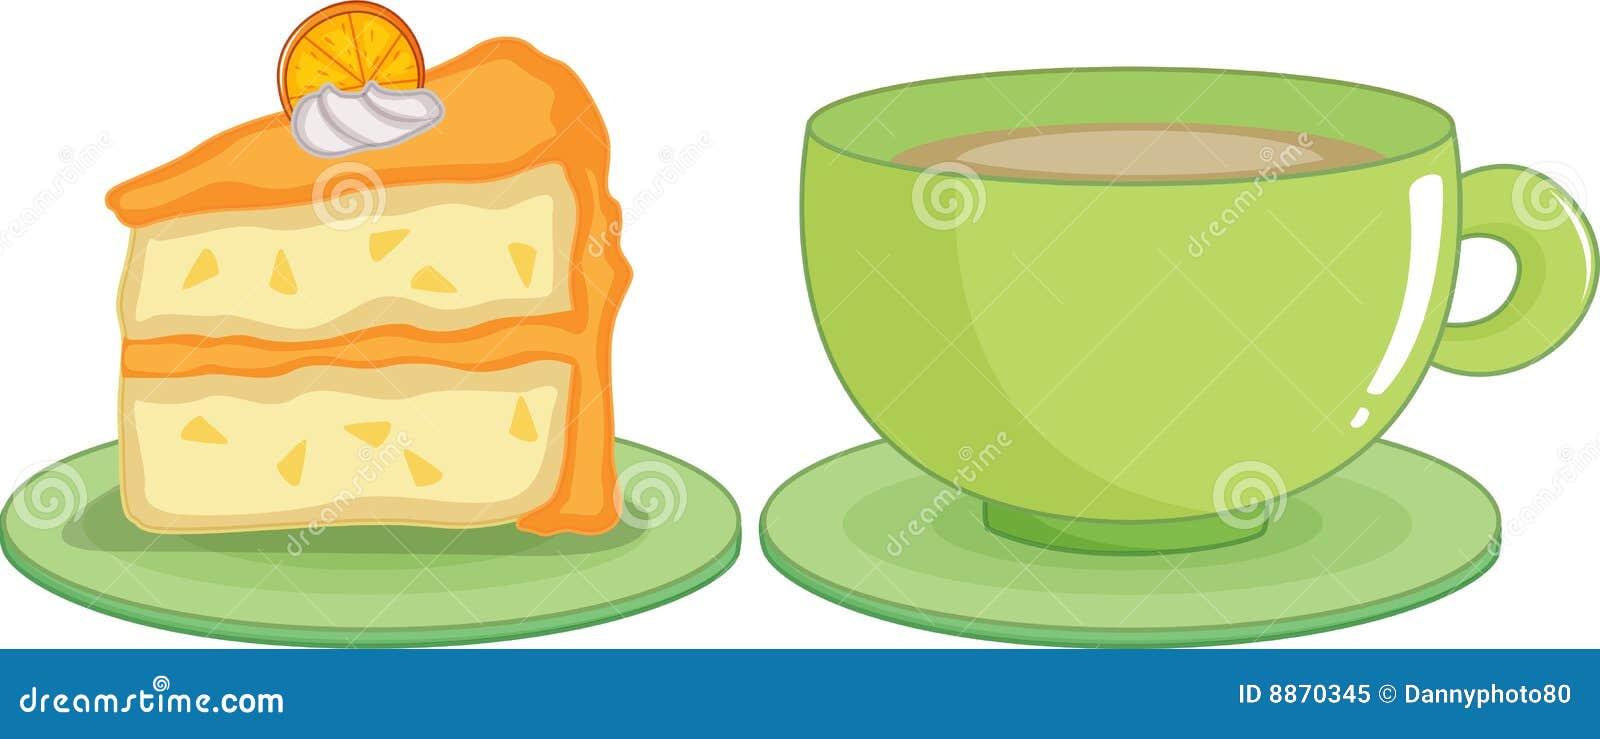 kaffee und kuchen lizenzfreies stockfoto bild 8870345. Black Bedroom Furniture Sets. Home Design Ideas